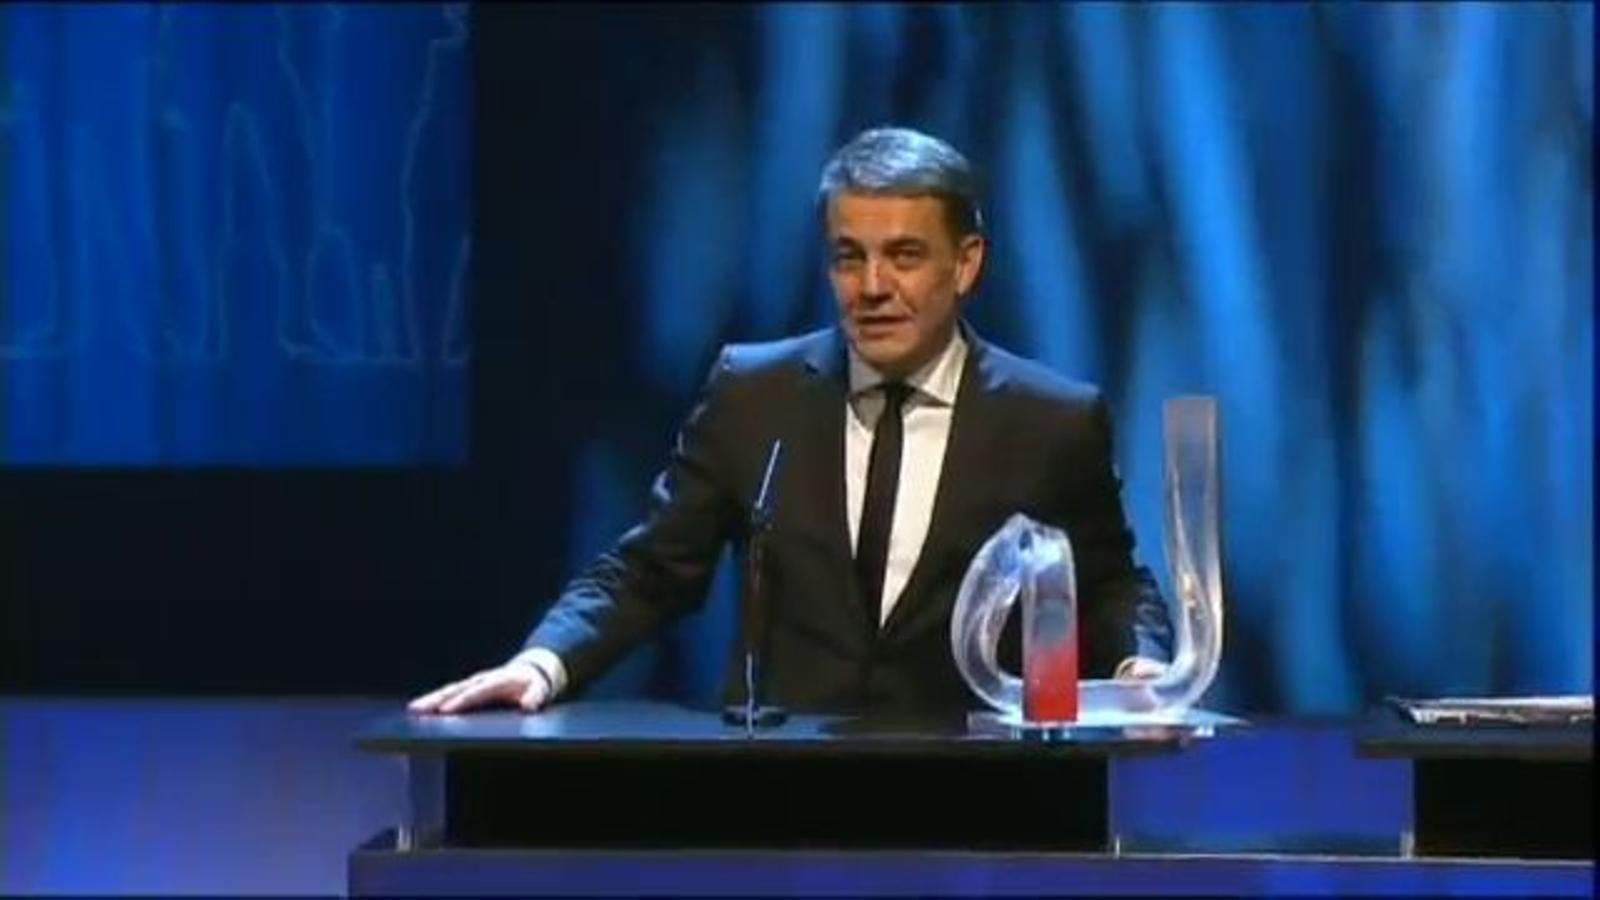 Discurs íntegre de Puyal, a la gala del Català de l'Any